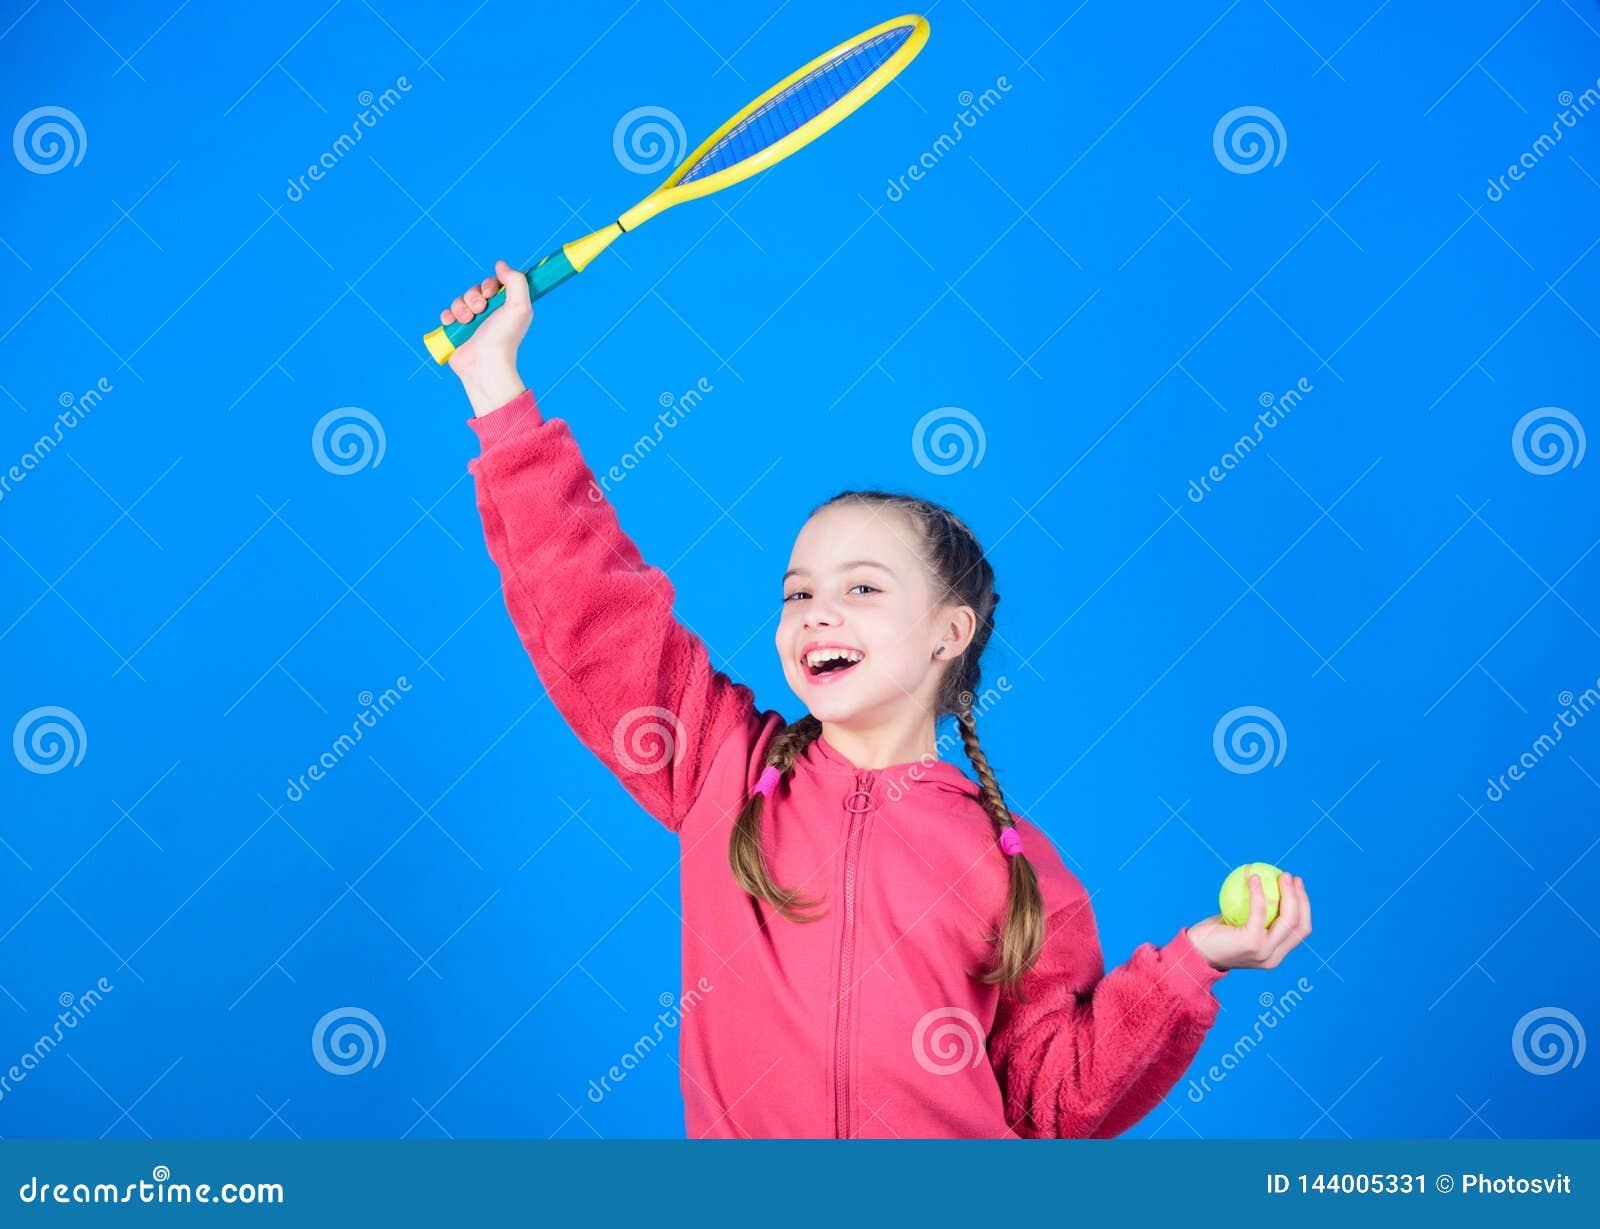 Großer Tag zu spielen Athletenkindertennisschläger auf blauem Hintergrund Aktive Freizeit und Liebhaberei Tennissport und